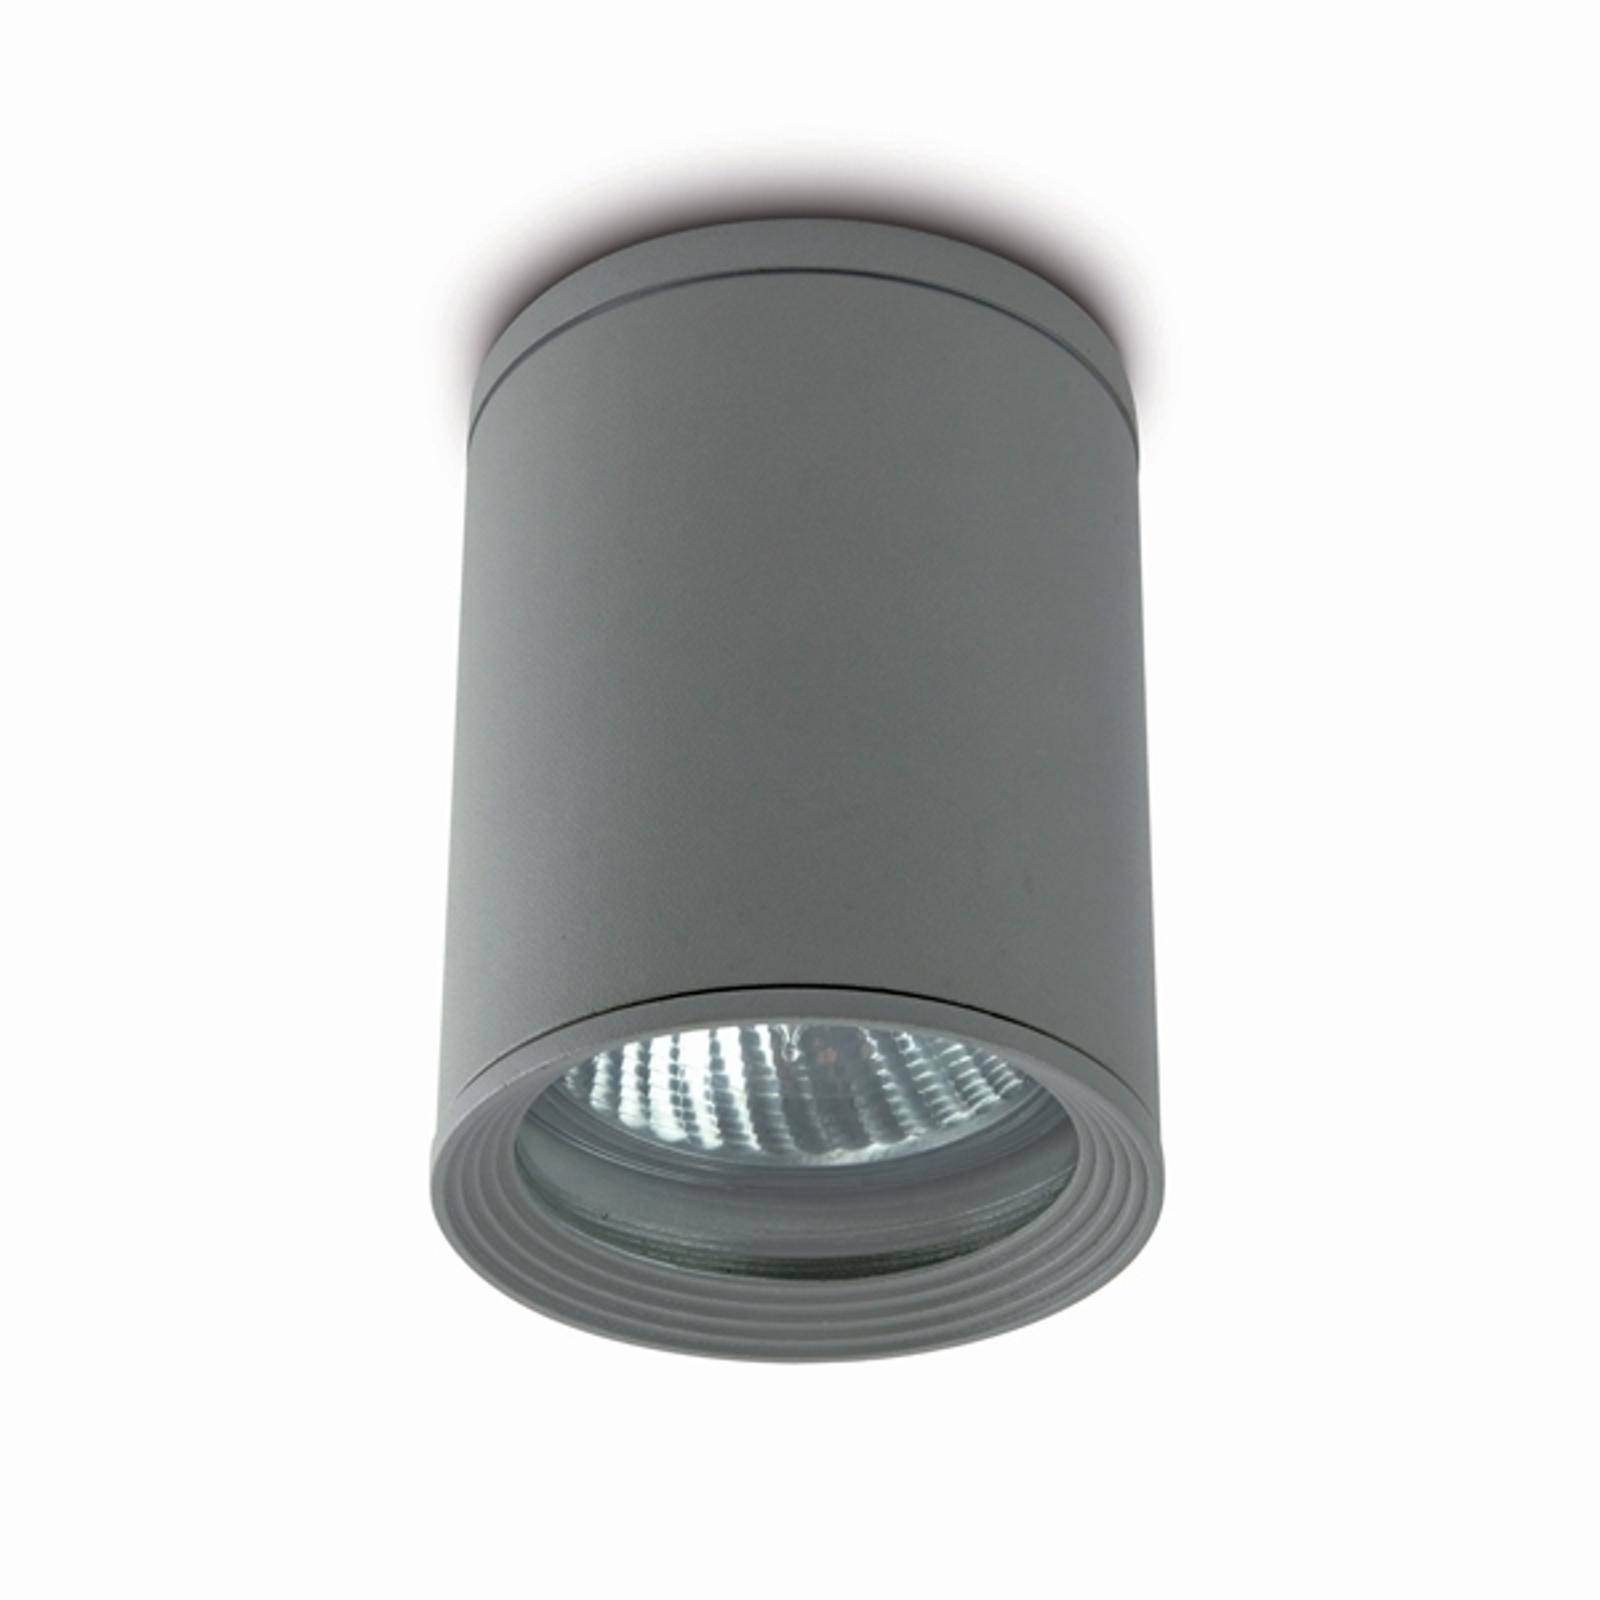 Wysokiej klasy zewnętrzna lampa sufitowa Tasa